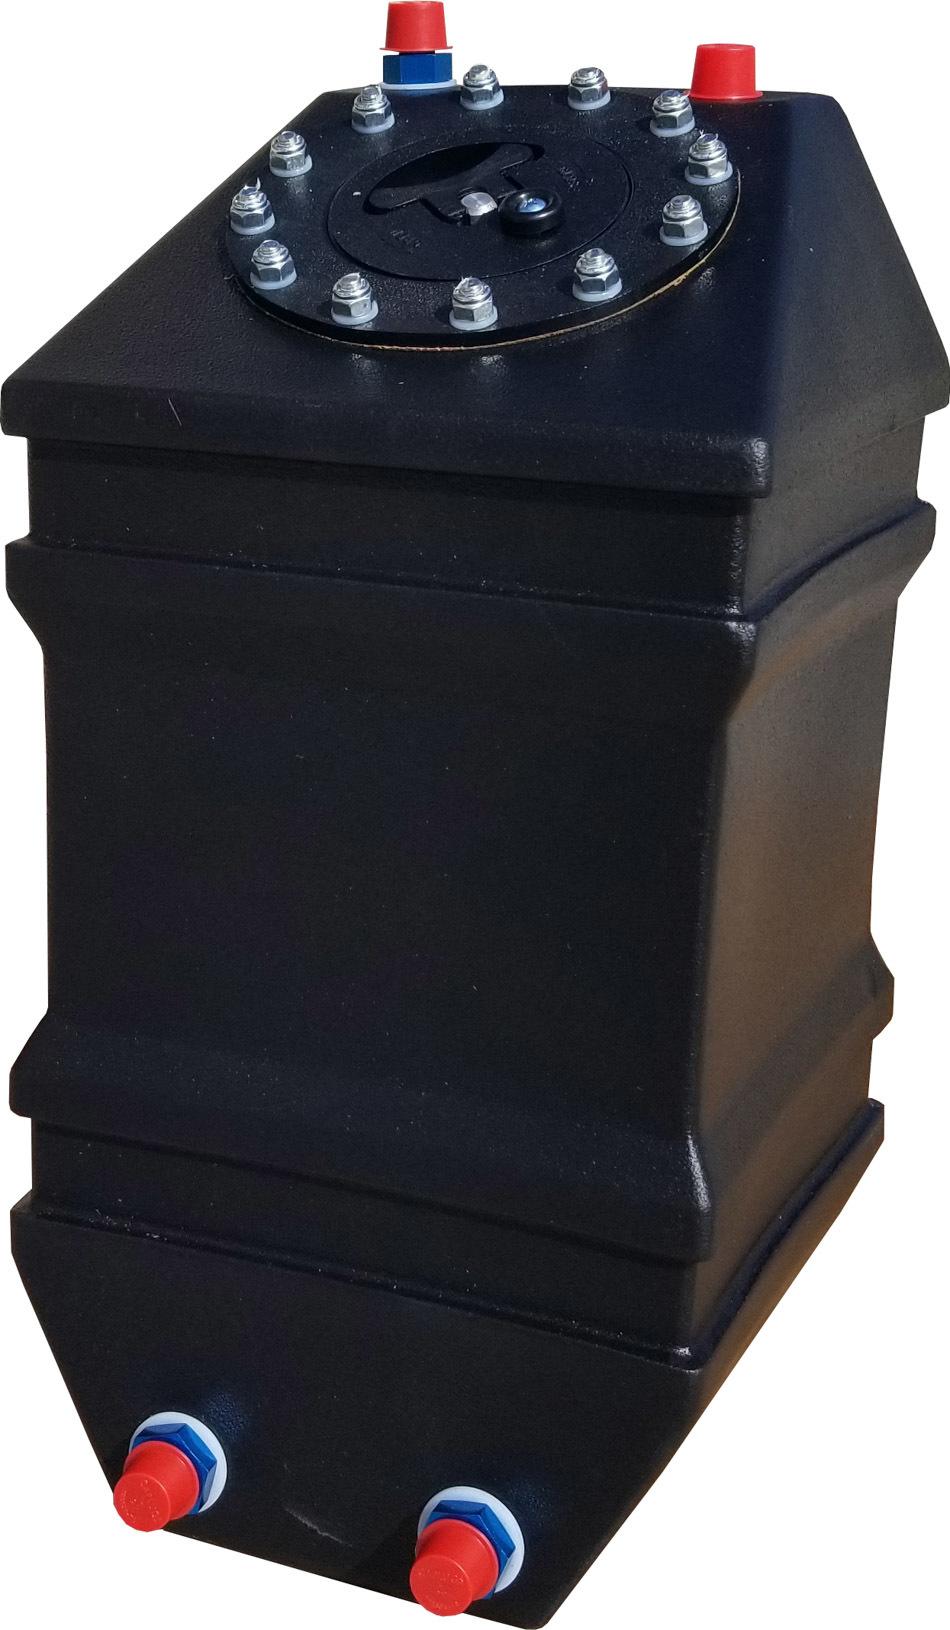 Rci Fuel Cell Poly 4 Gal w/ Foam